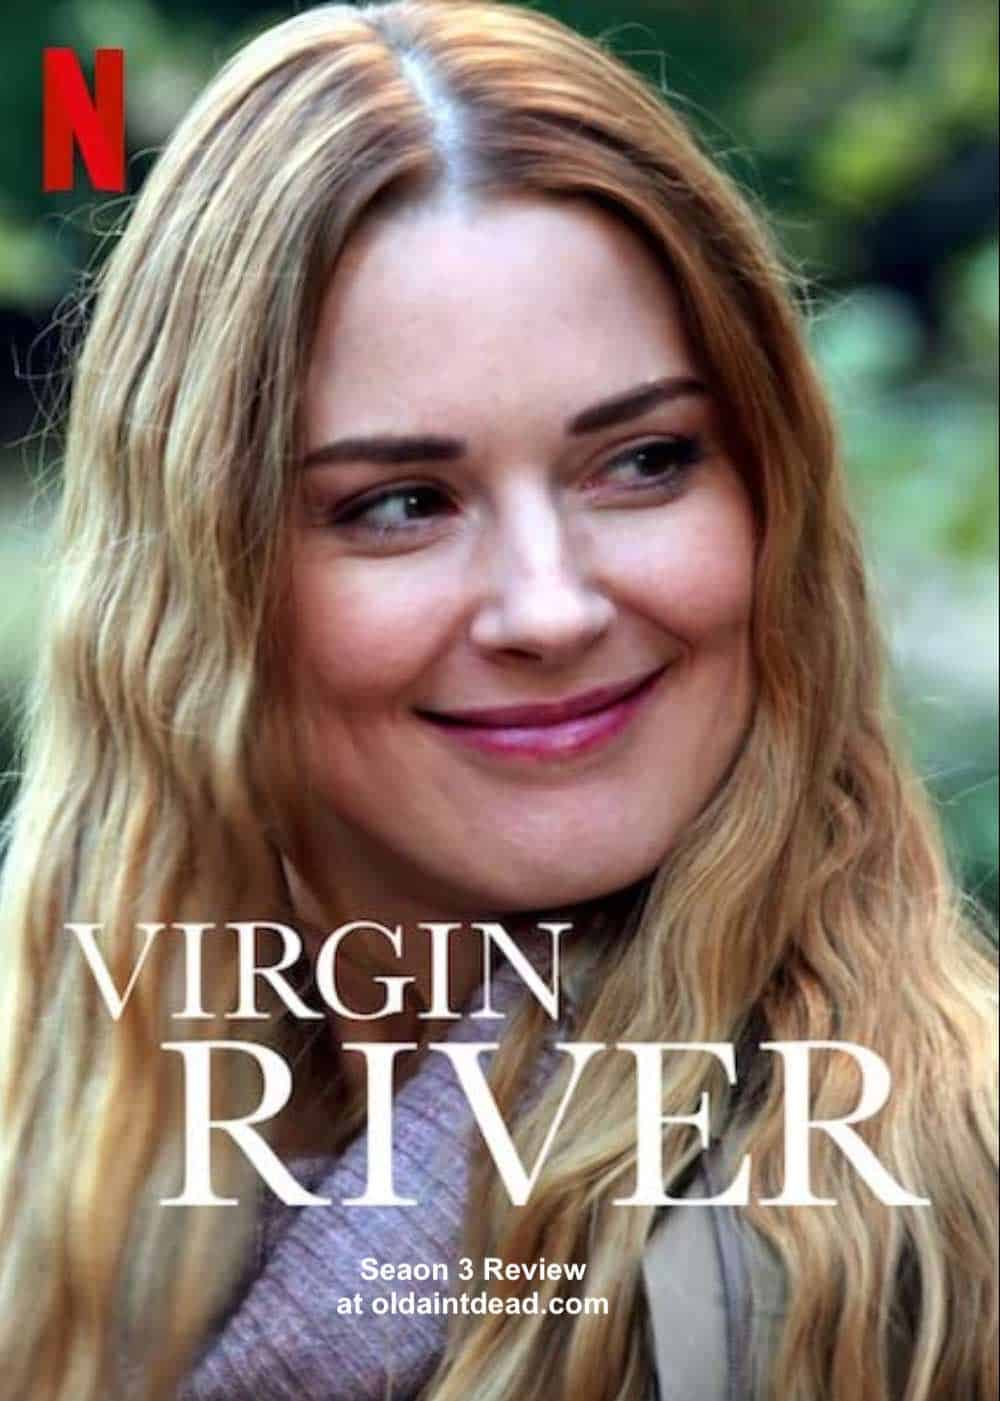 Poster for Virgin River